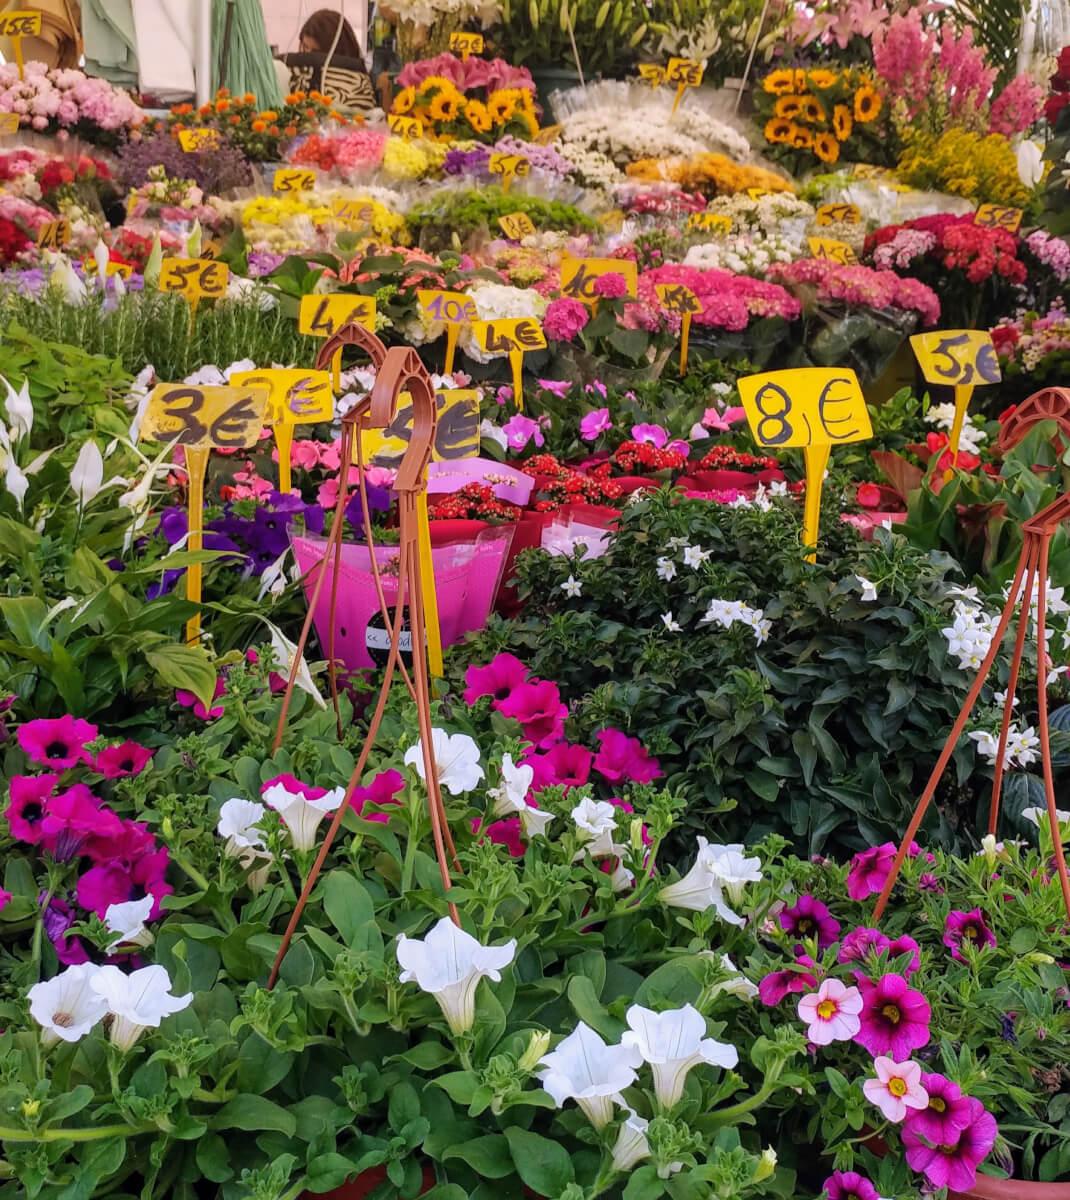 λουλούδια στη πλατεία campo dei fiori στη Ρώμη